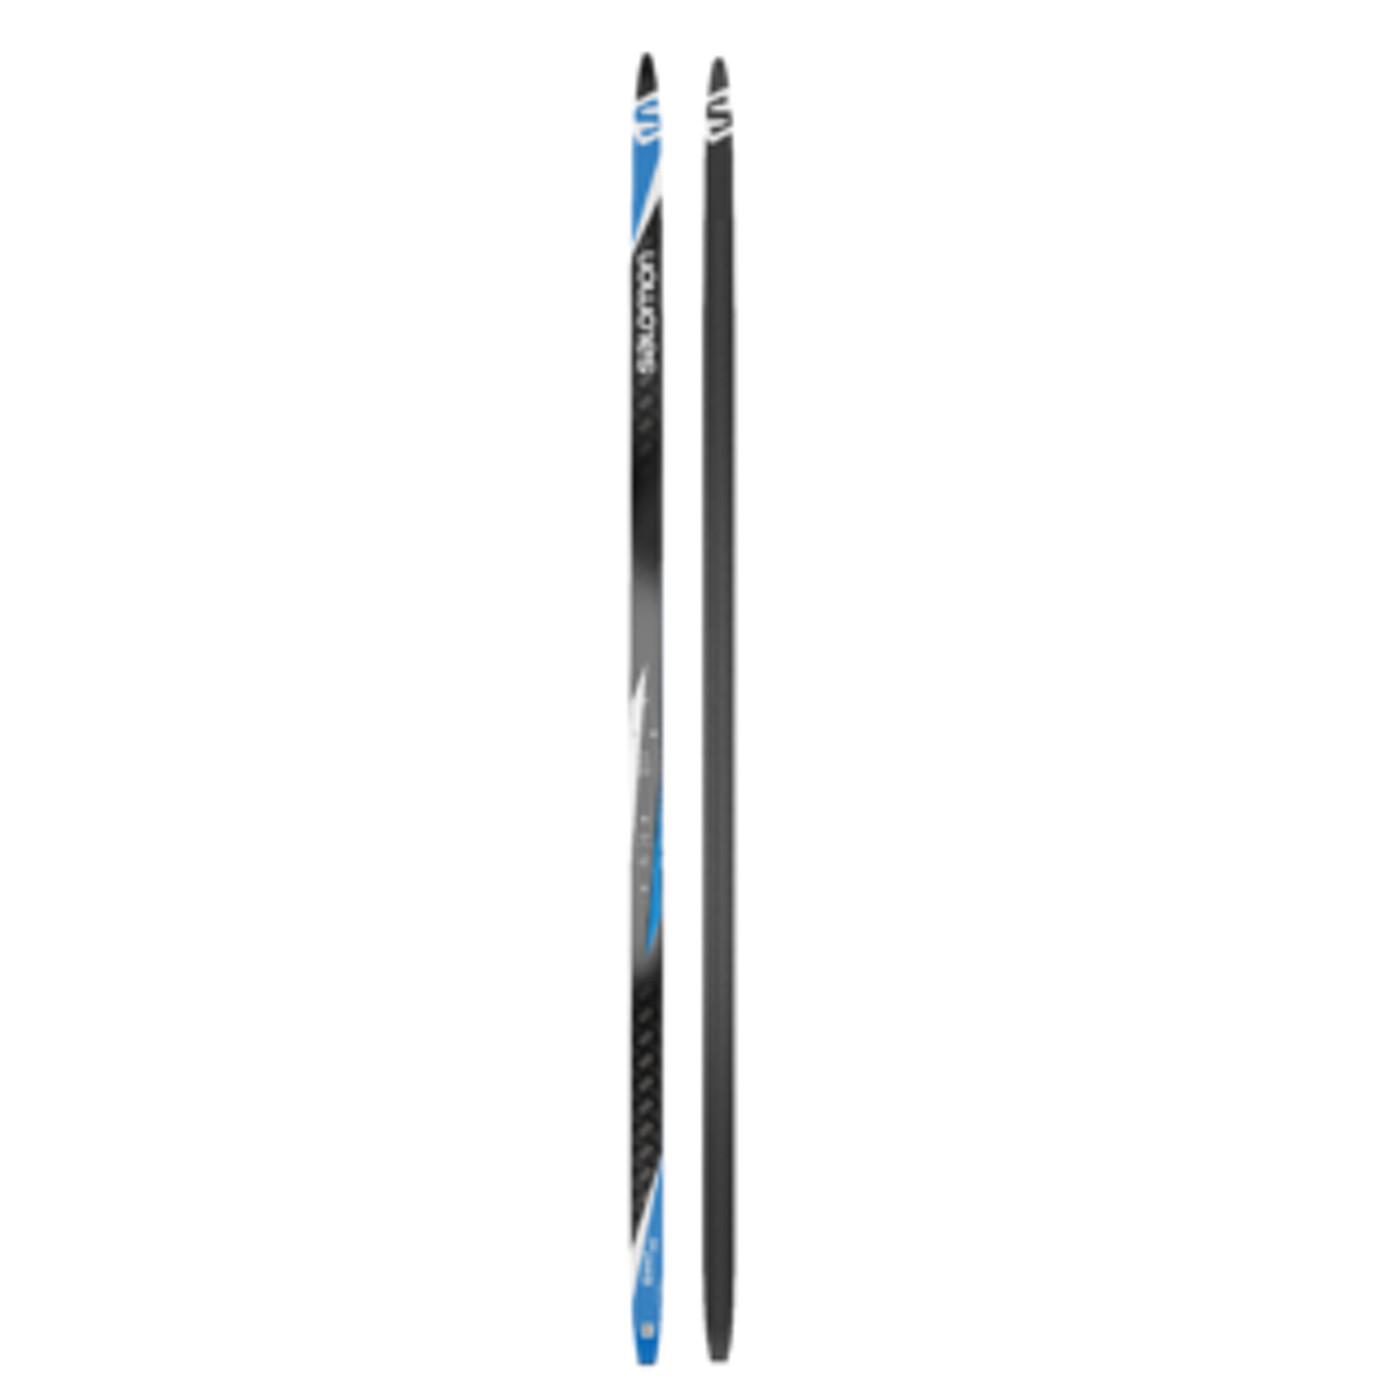 SALOMON XC SKIS S/MAX CARBON SKATE X-stiff